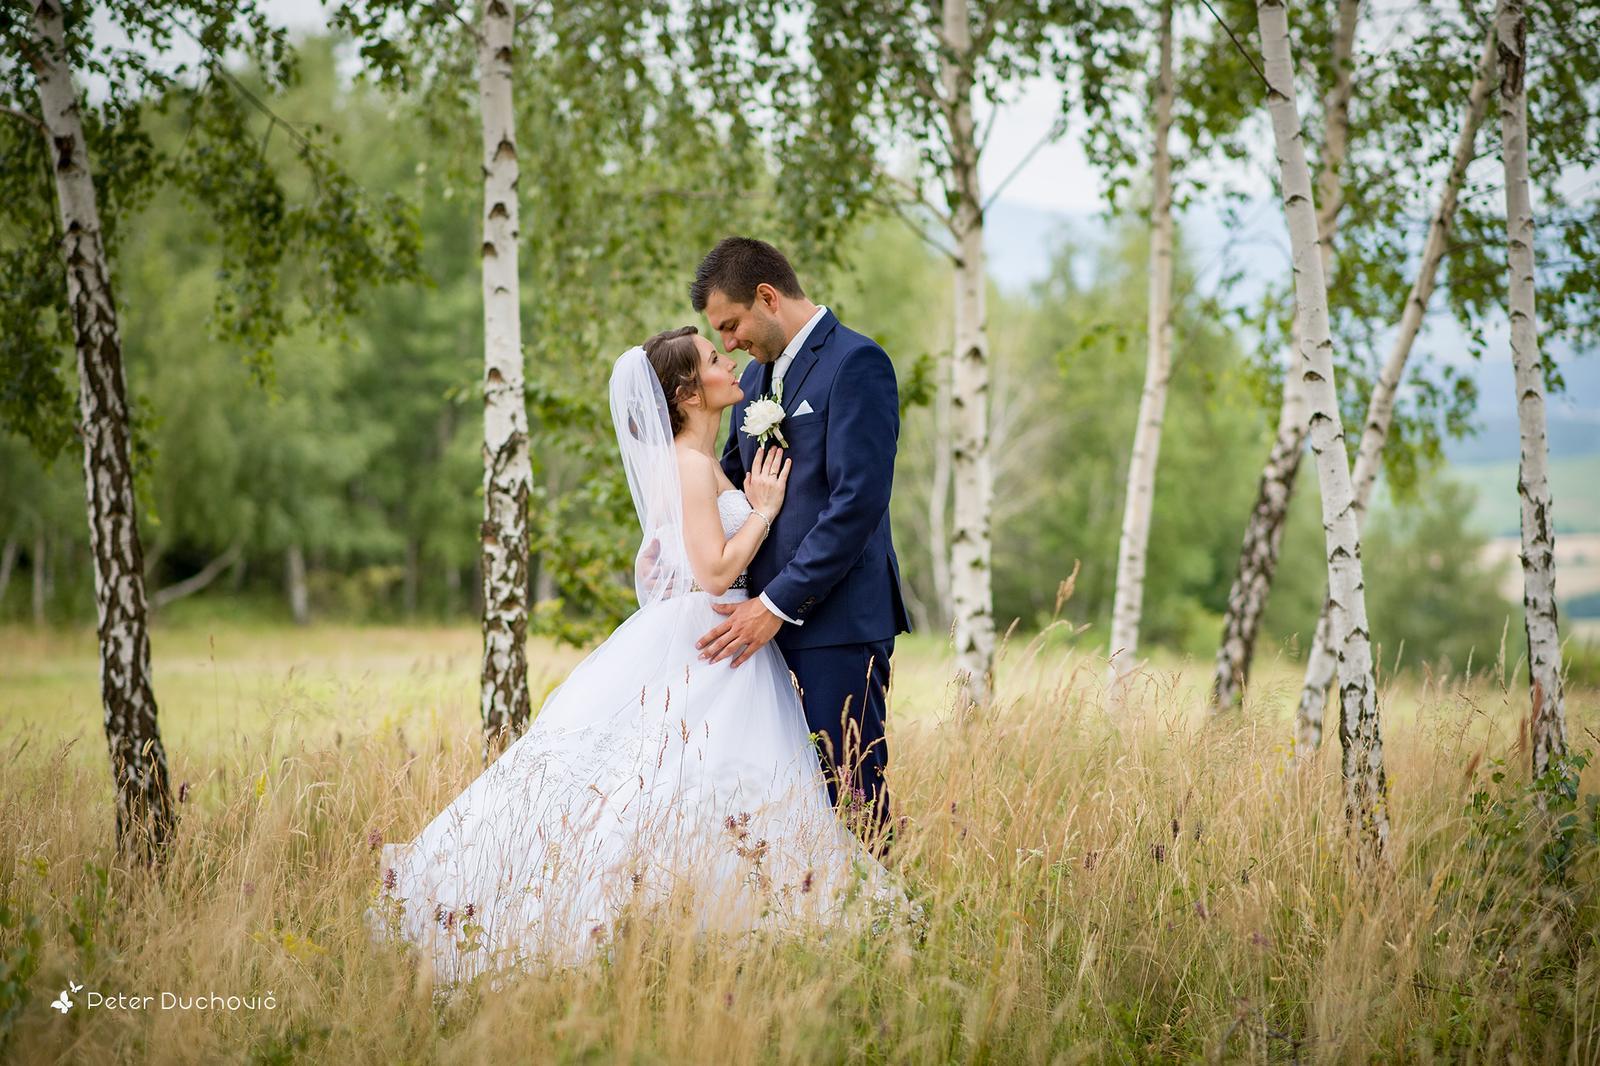 Svadba Bea a Andrej - Obrázok č. 2